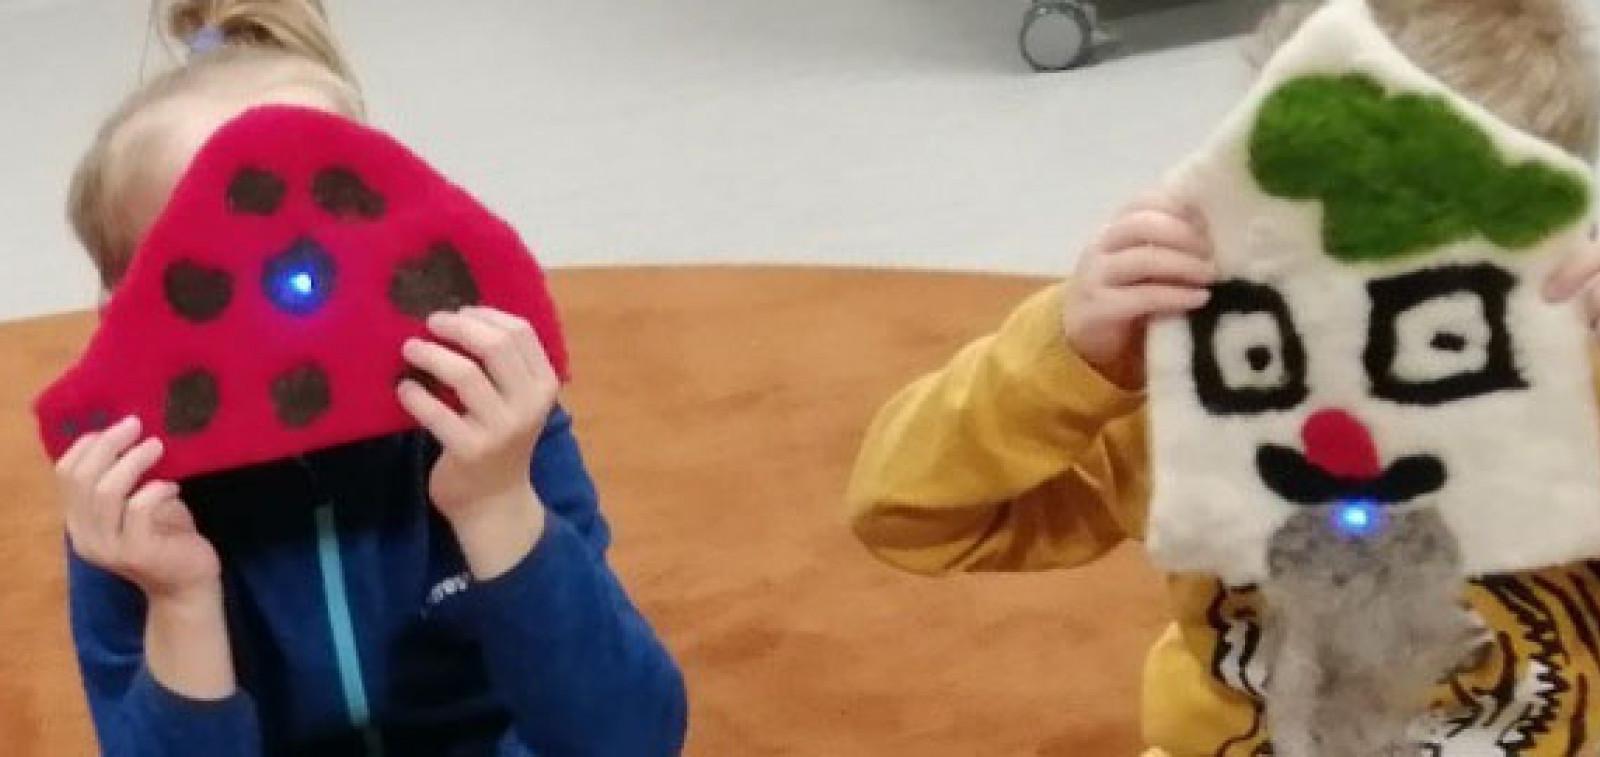 Lapset mukana STEAMit! -kokeilussa. Kaksi lasta pitää kasvoillaan itsetehtyjä huovutettuja voimahahmoja, joissa led-valot.